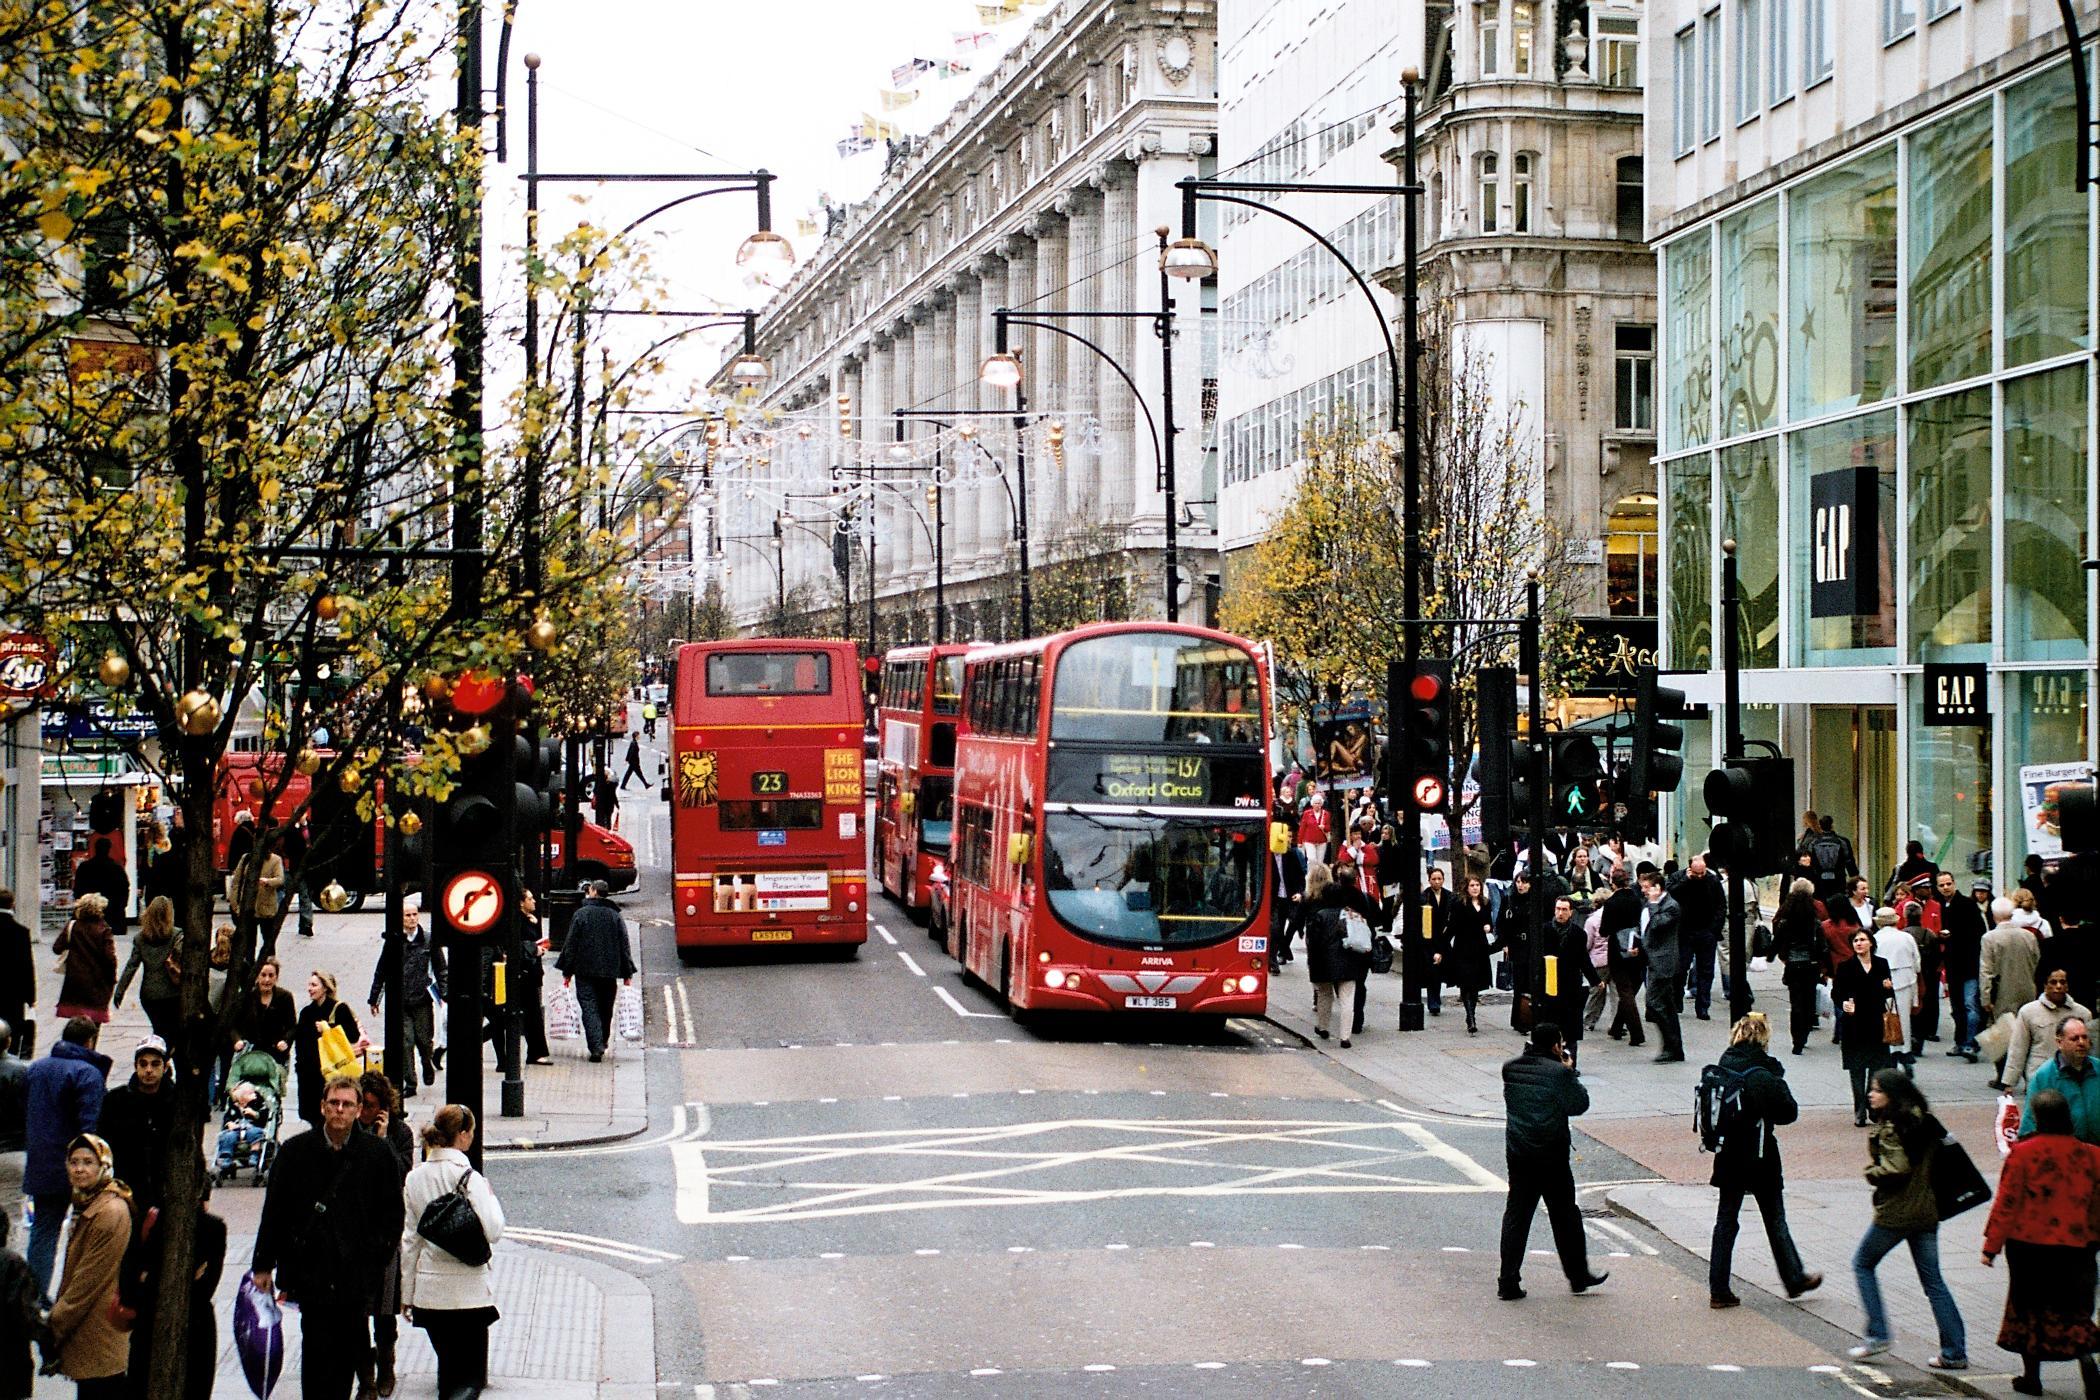 hvad er billigt i london